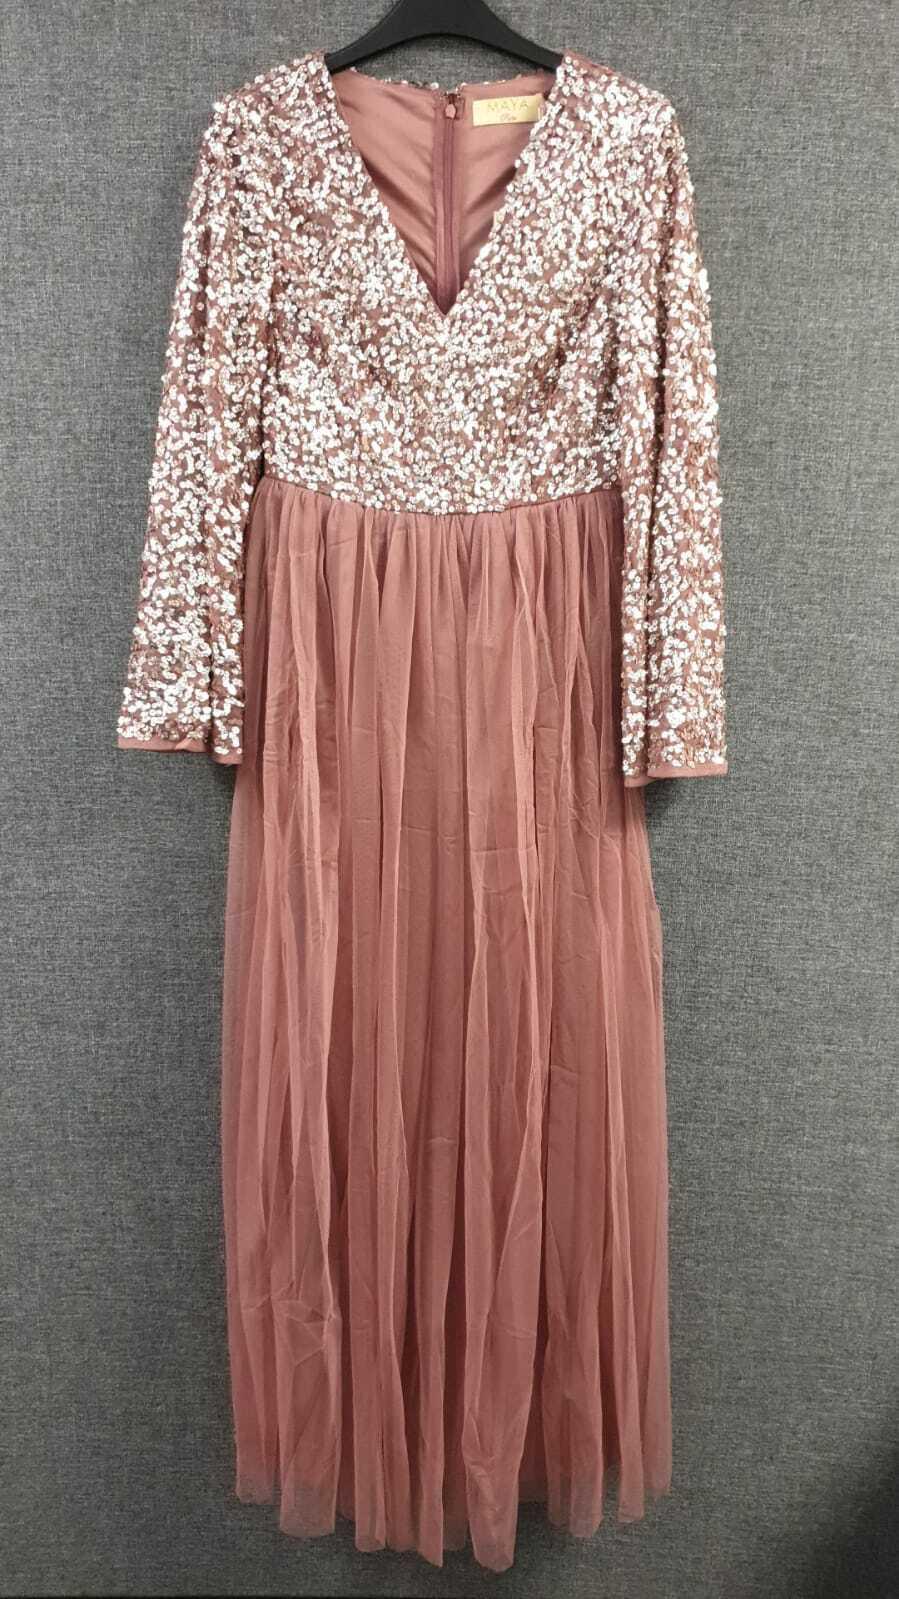 Asos Maya Petite Sequin Top Maxi Dress, Fluted Sleeve UK 10 RRP LN014 AA 17